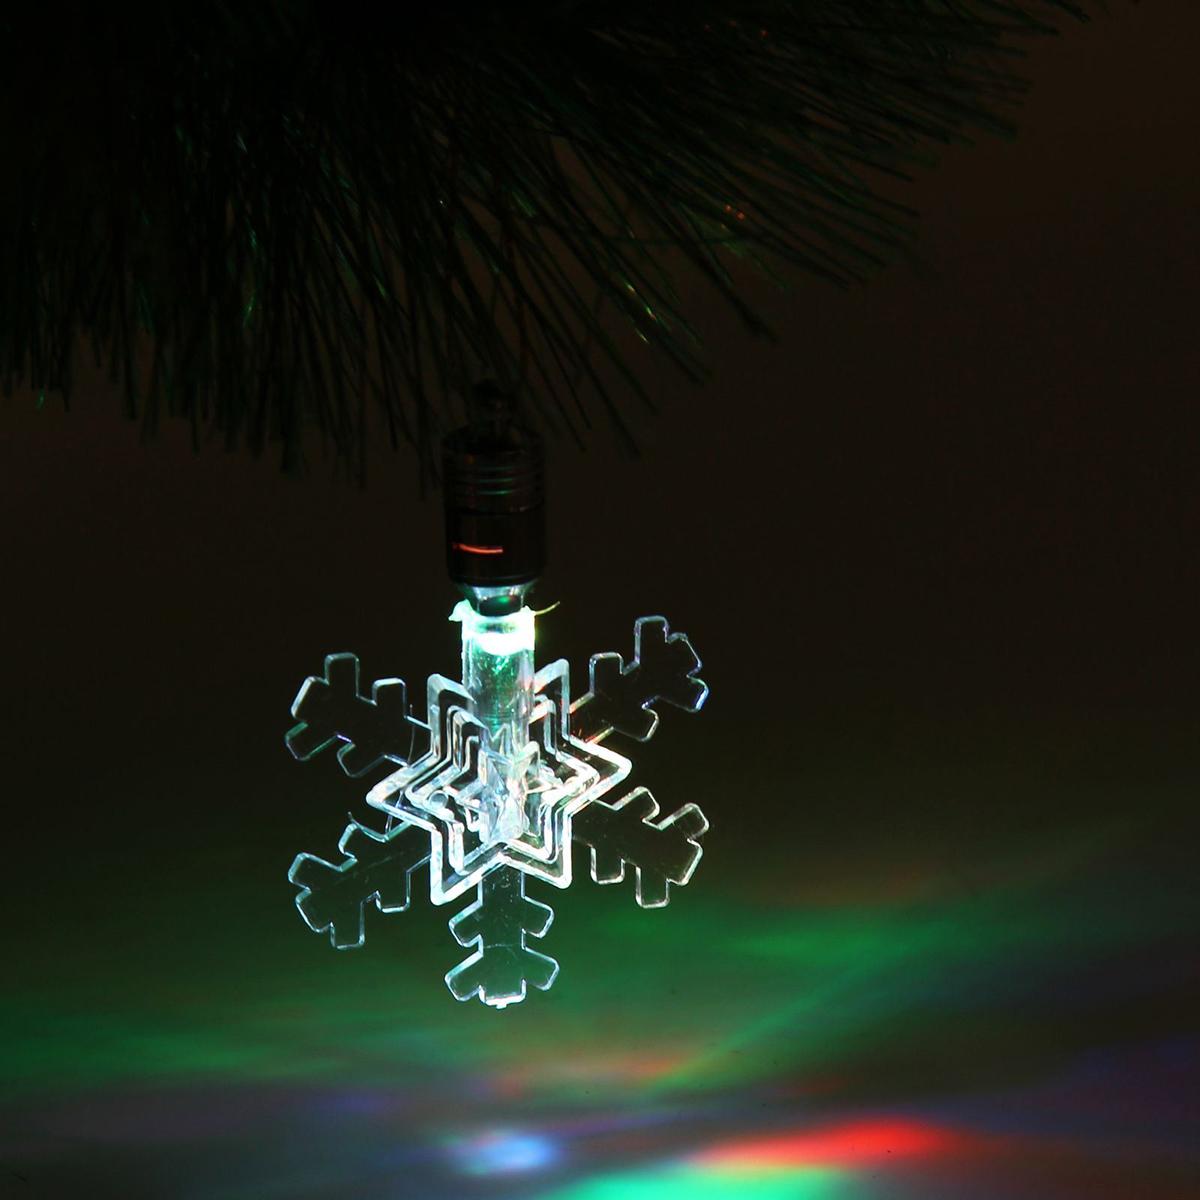 Подвесное украшение праздничное Luazon Lighting Снежинка малая, с подсветкой1077312Невозможно представить себе современный мир без электроприборов. Благодаря качественным материалам и работе дизайнеров они способны сделать нашу жизнь комфортнее и порадовать глаз. Это прекрасный выбор, если вы находитесь в поиске товара, который идеально впишется в ежедневную жизнь и прослужит долго.Батарейки в комплекте 1 LED, RGB.